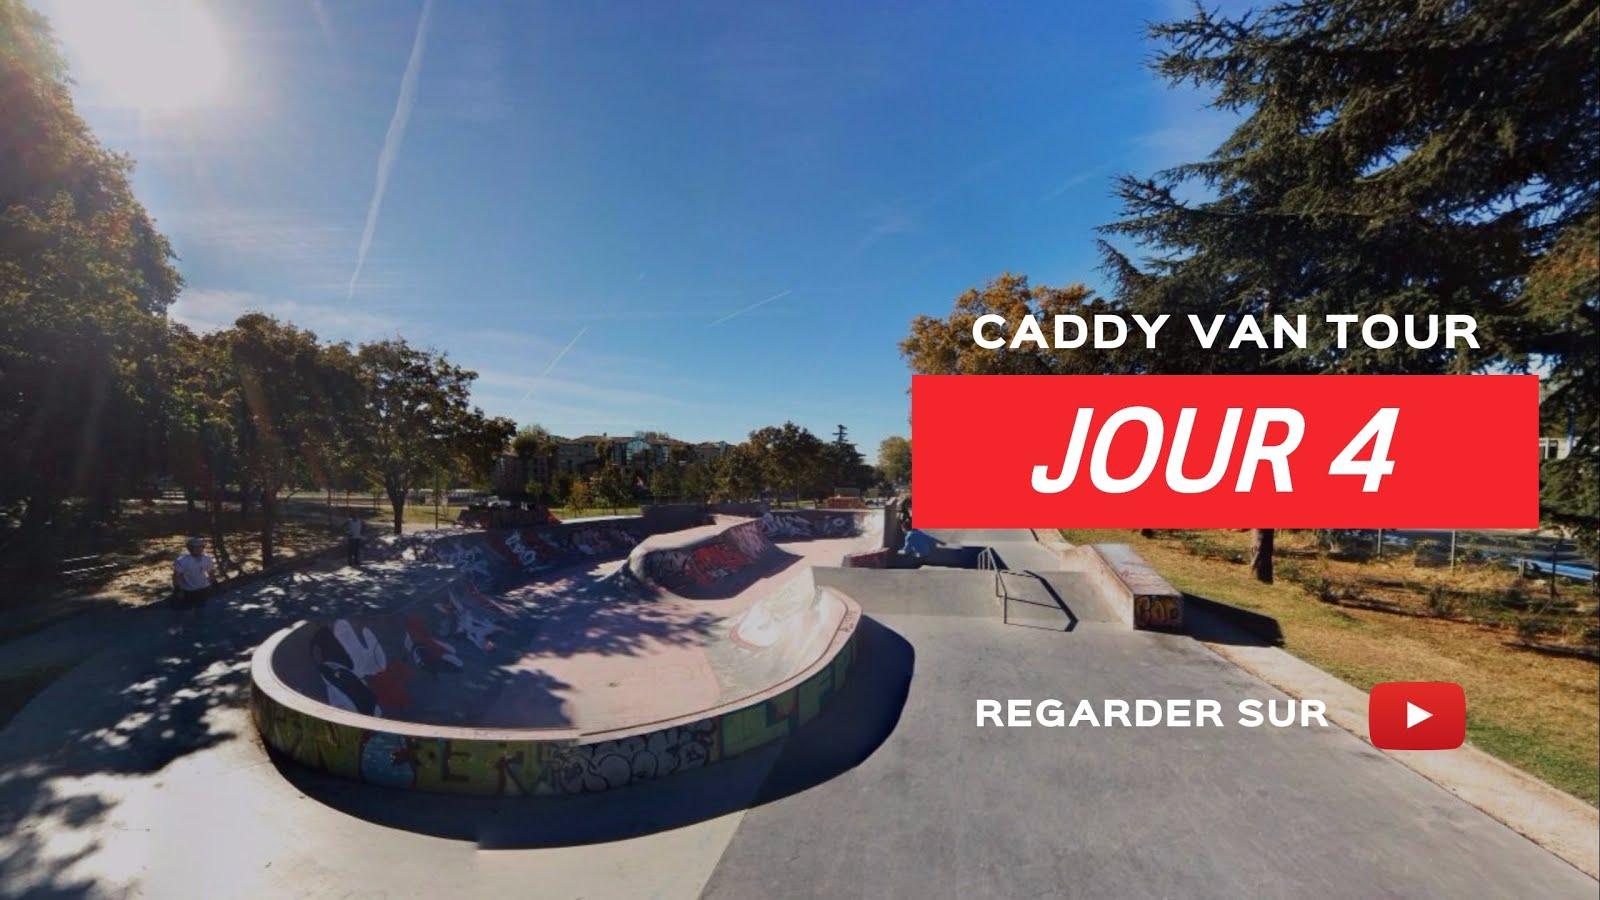 Checkez ça ! #Toulouse